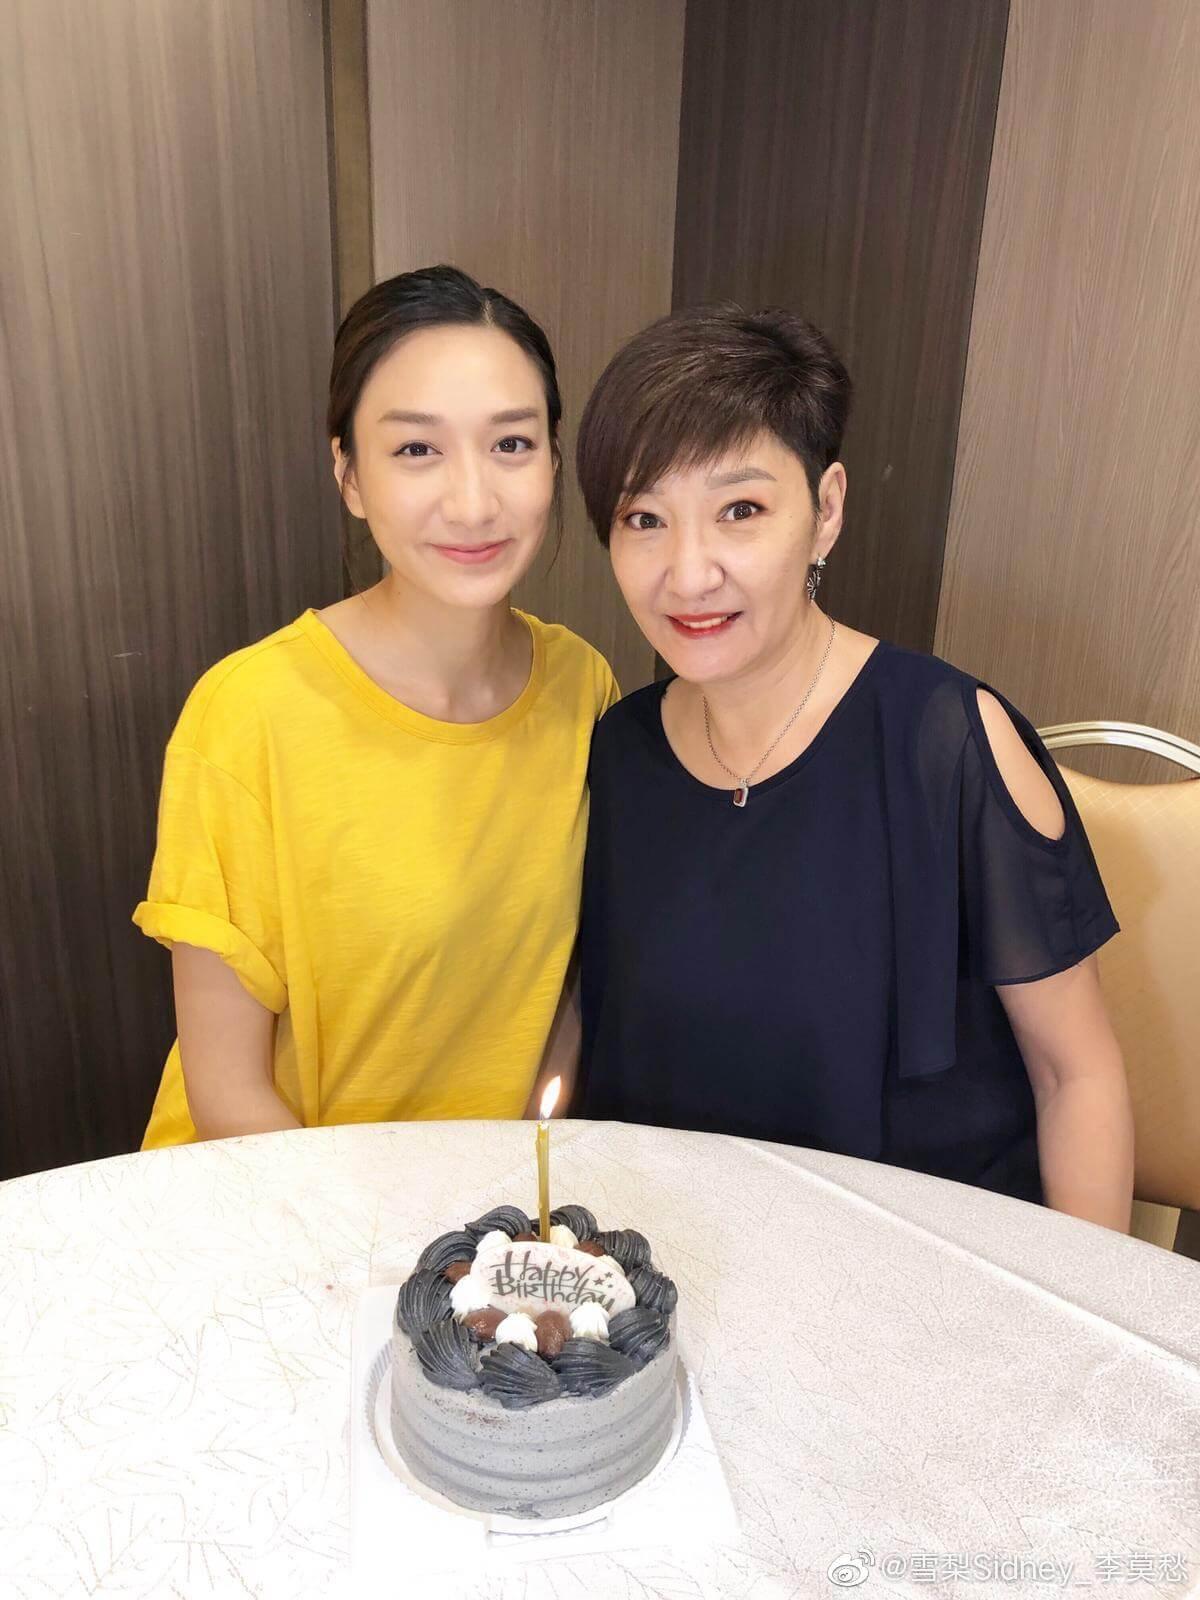 徐頴堃與媽媽雪梨